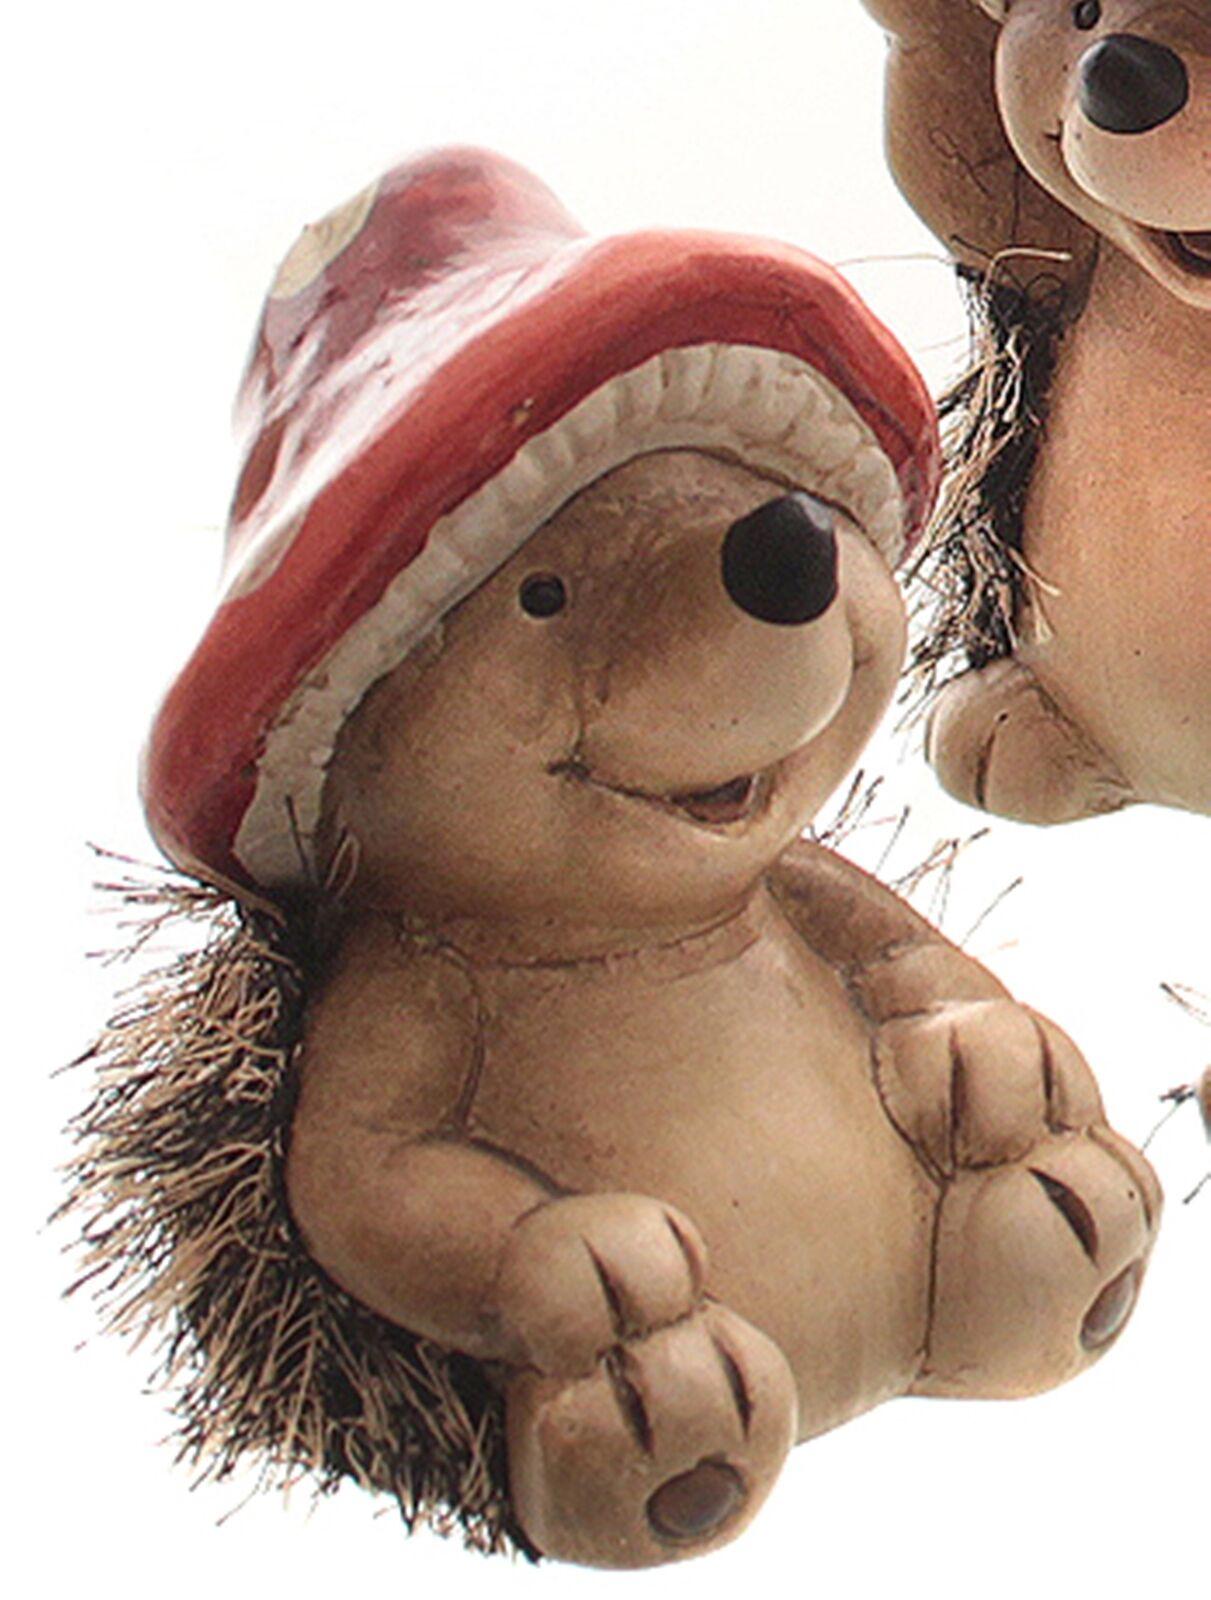 Igel Deko der kleine Igel mit Kunstfell und Pilzhut Deko Herbst Winterdeko 10cm